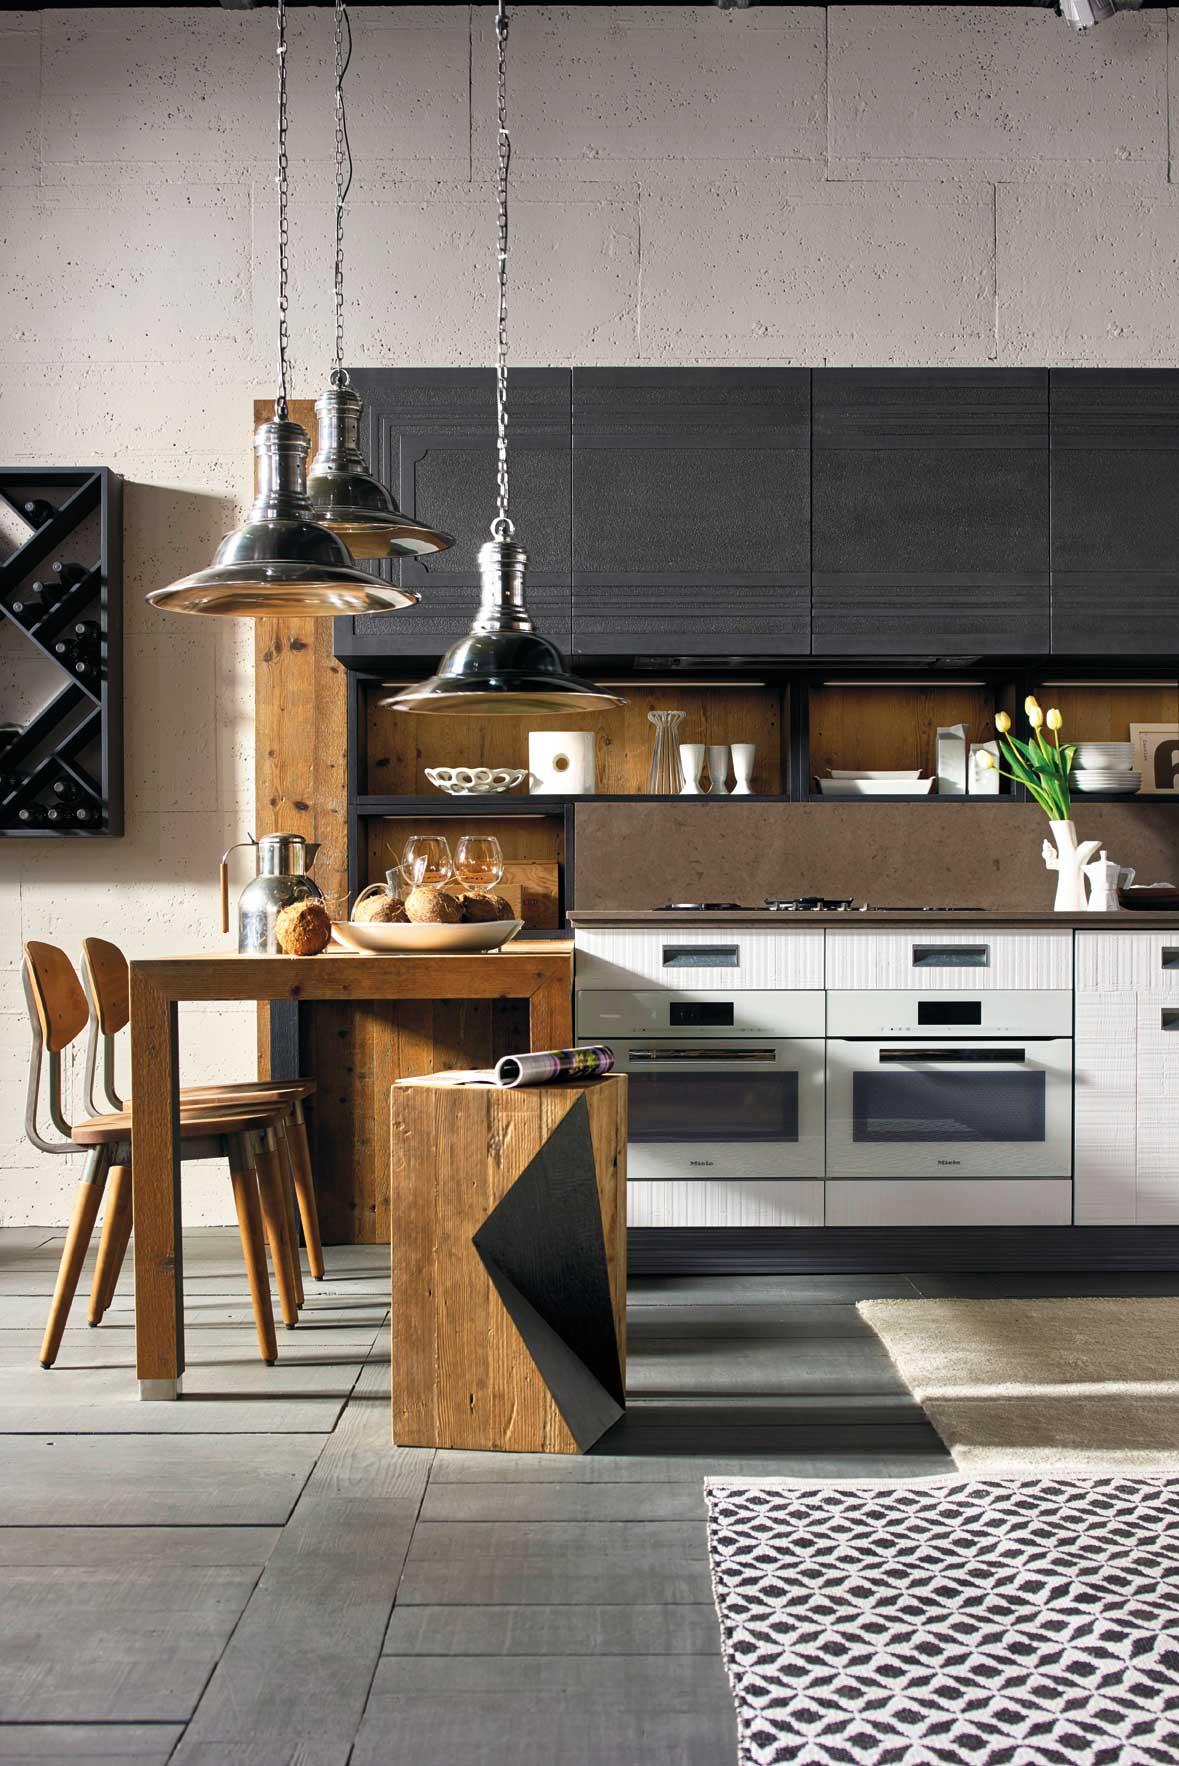 De marchi cucine amazing cucina marchi moddoralice - Cucine marchi prezzi ...